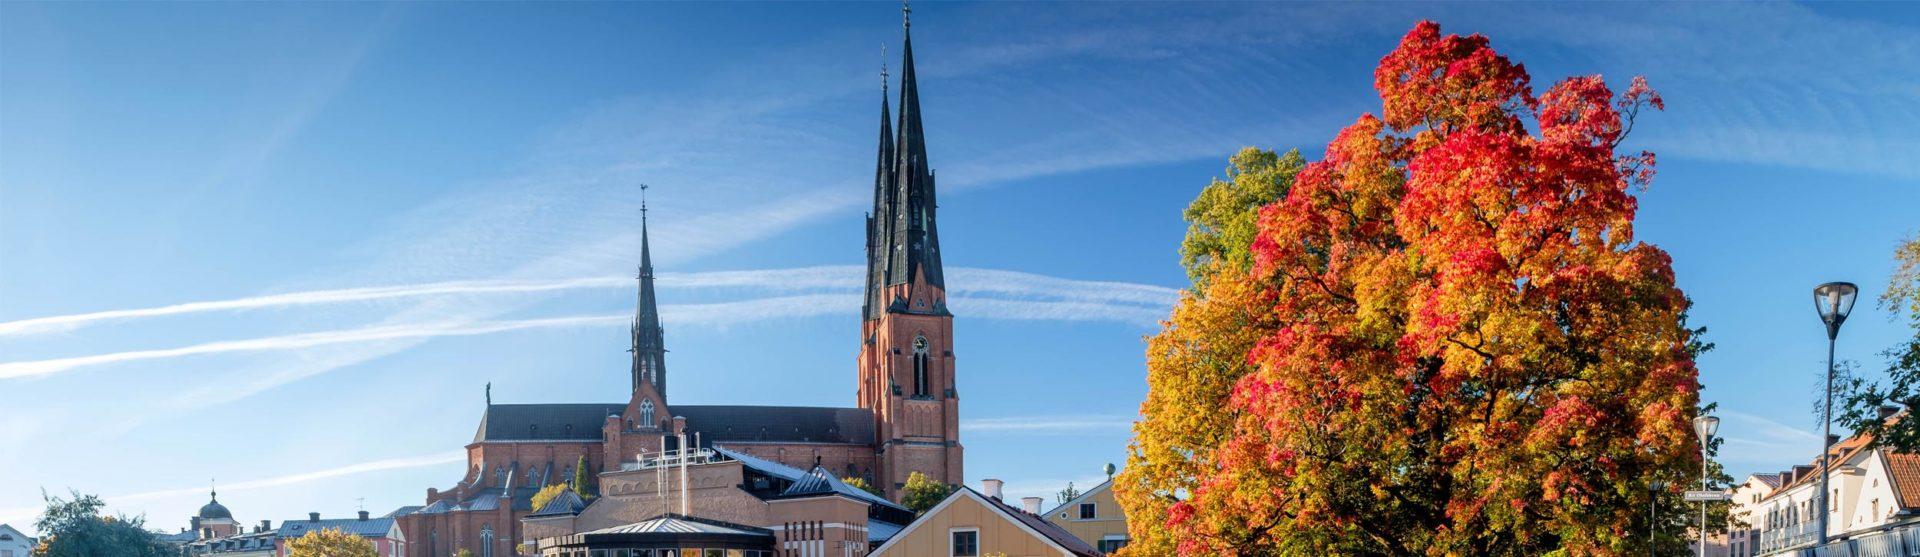 Bemanningsföretag i Uppsala – fördomsfri rekrytering och bemanning